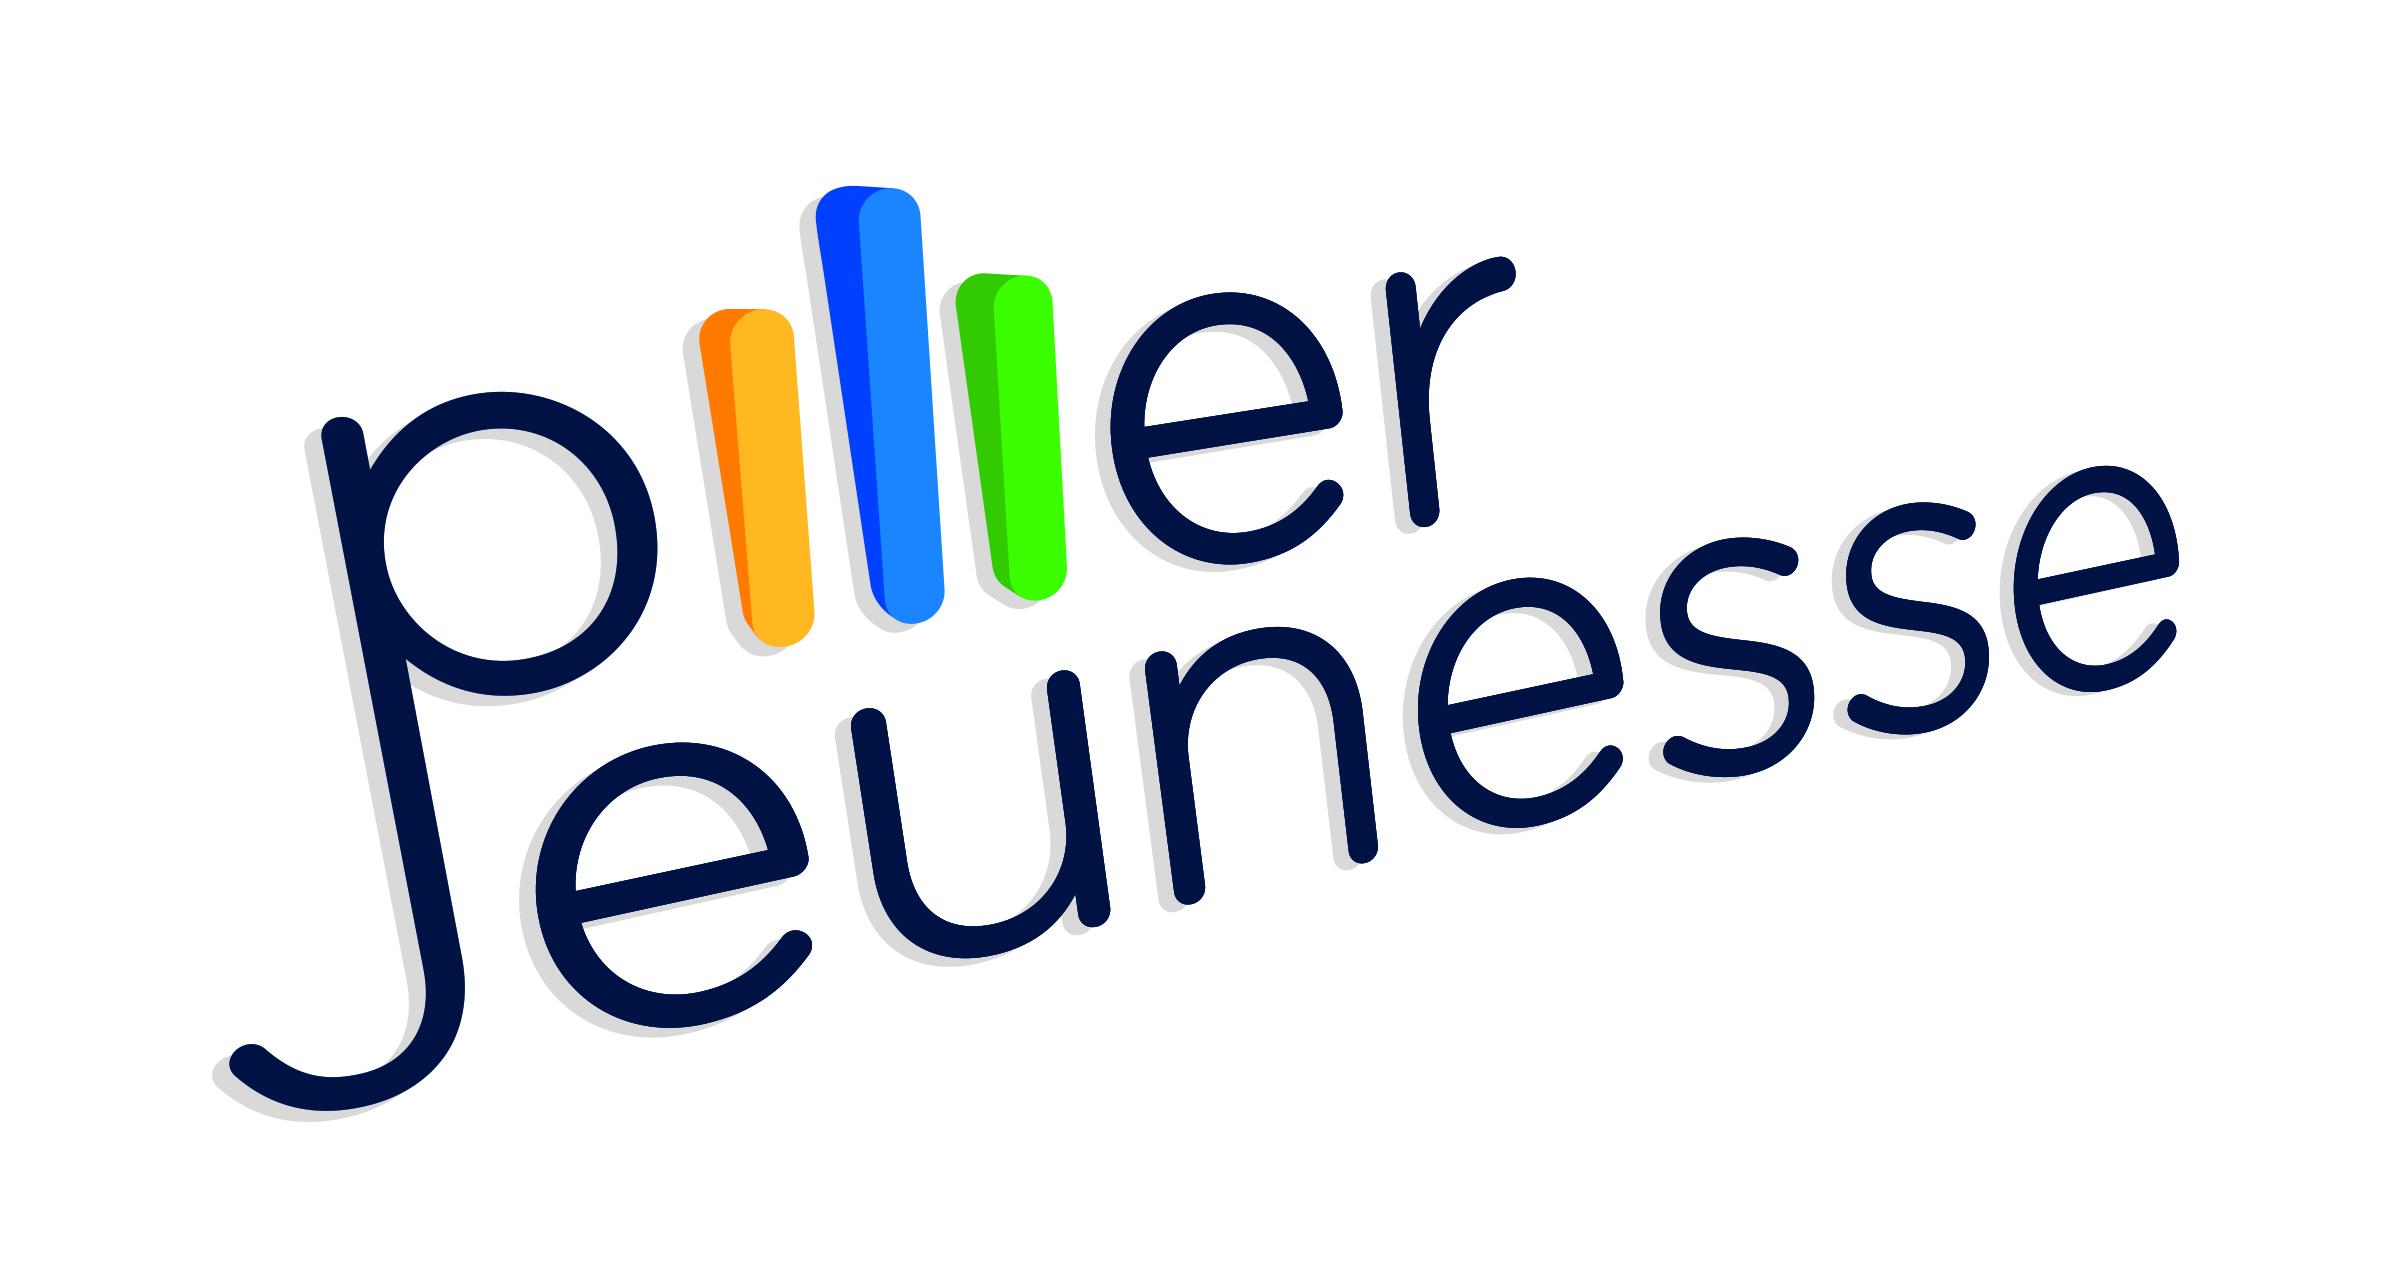 https://loisirslebourgneuf.net/wp-content/uploads/2019/05/Pilier-jeunesse-Avec-fond.jpg